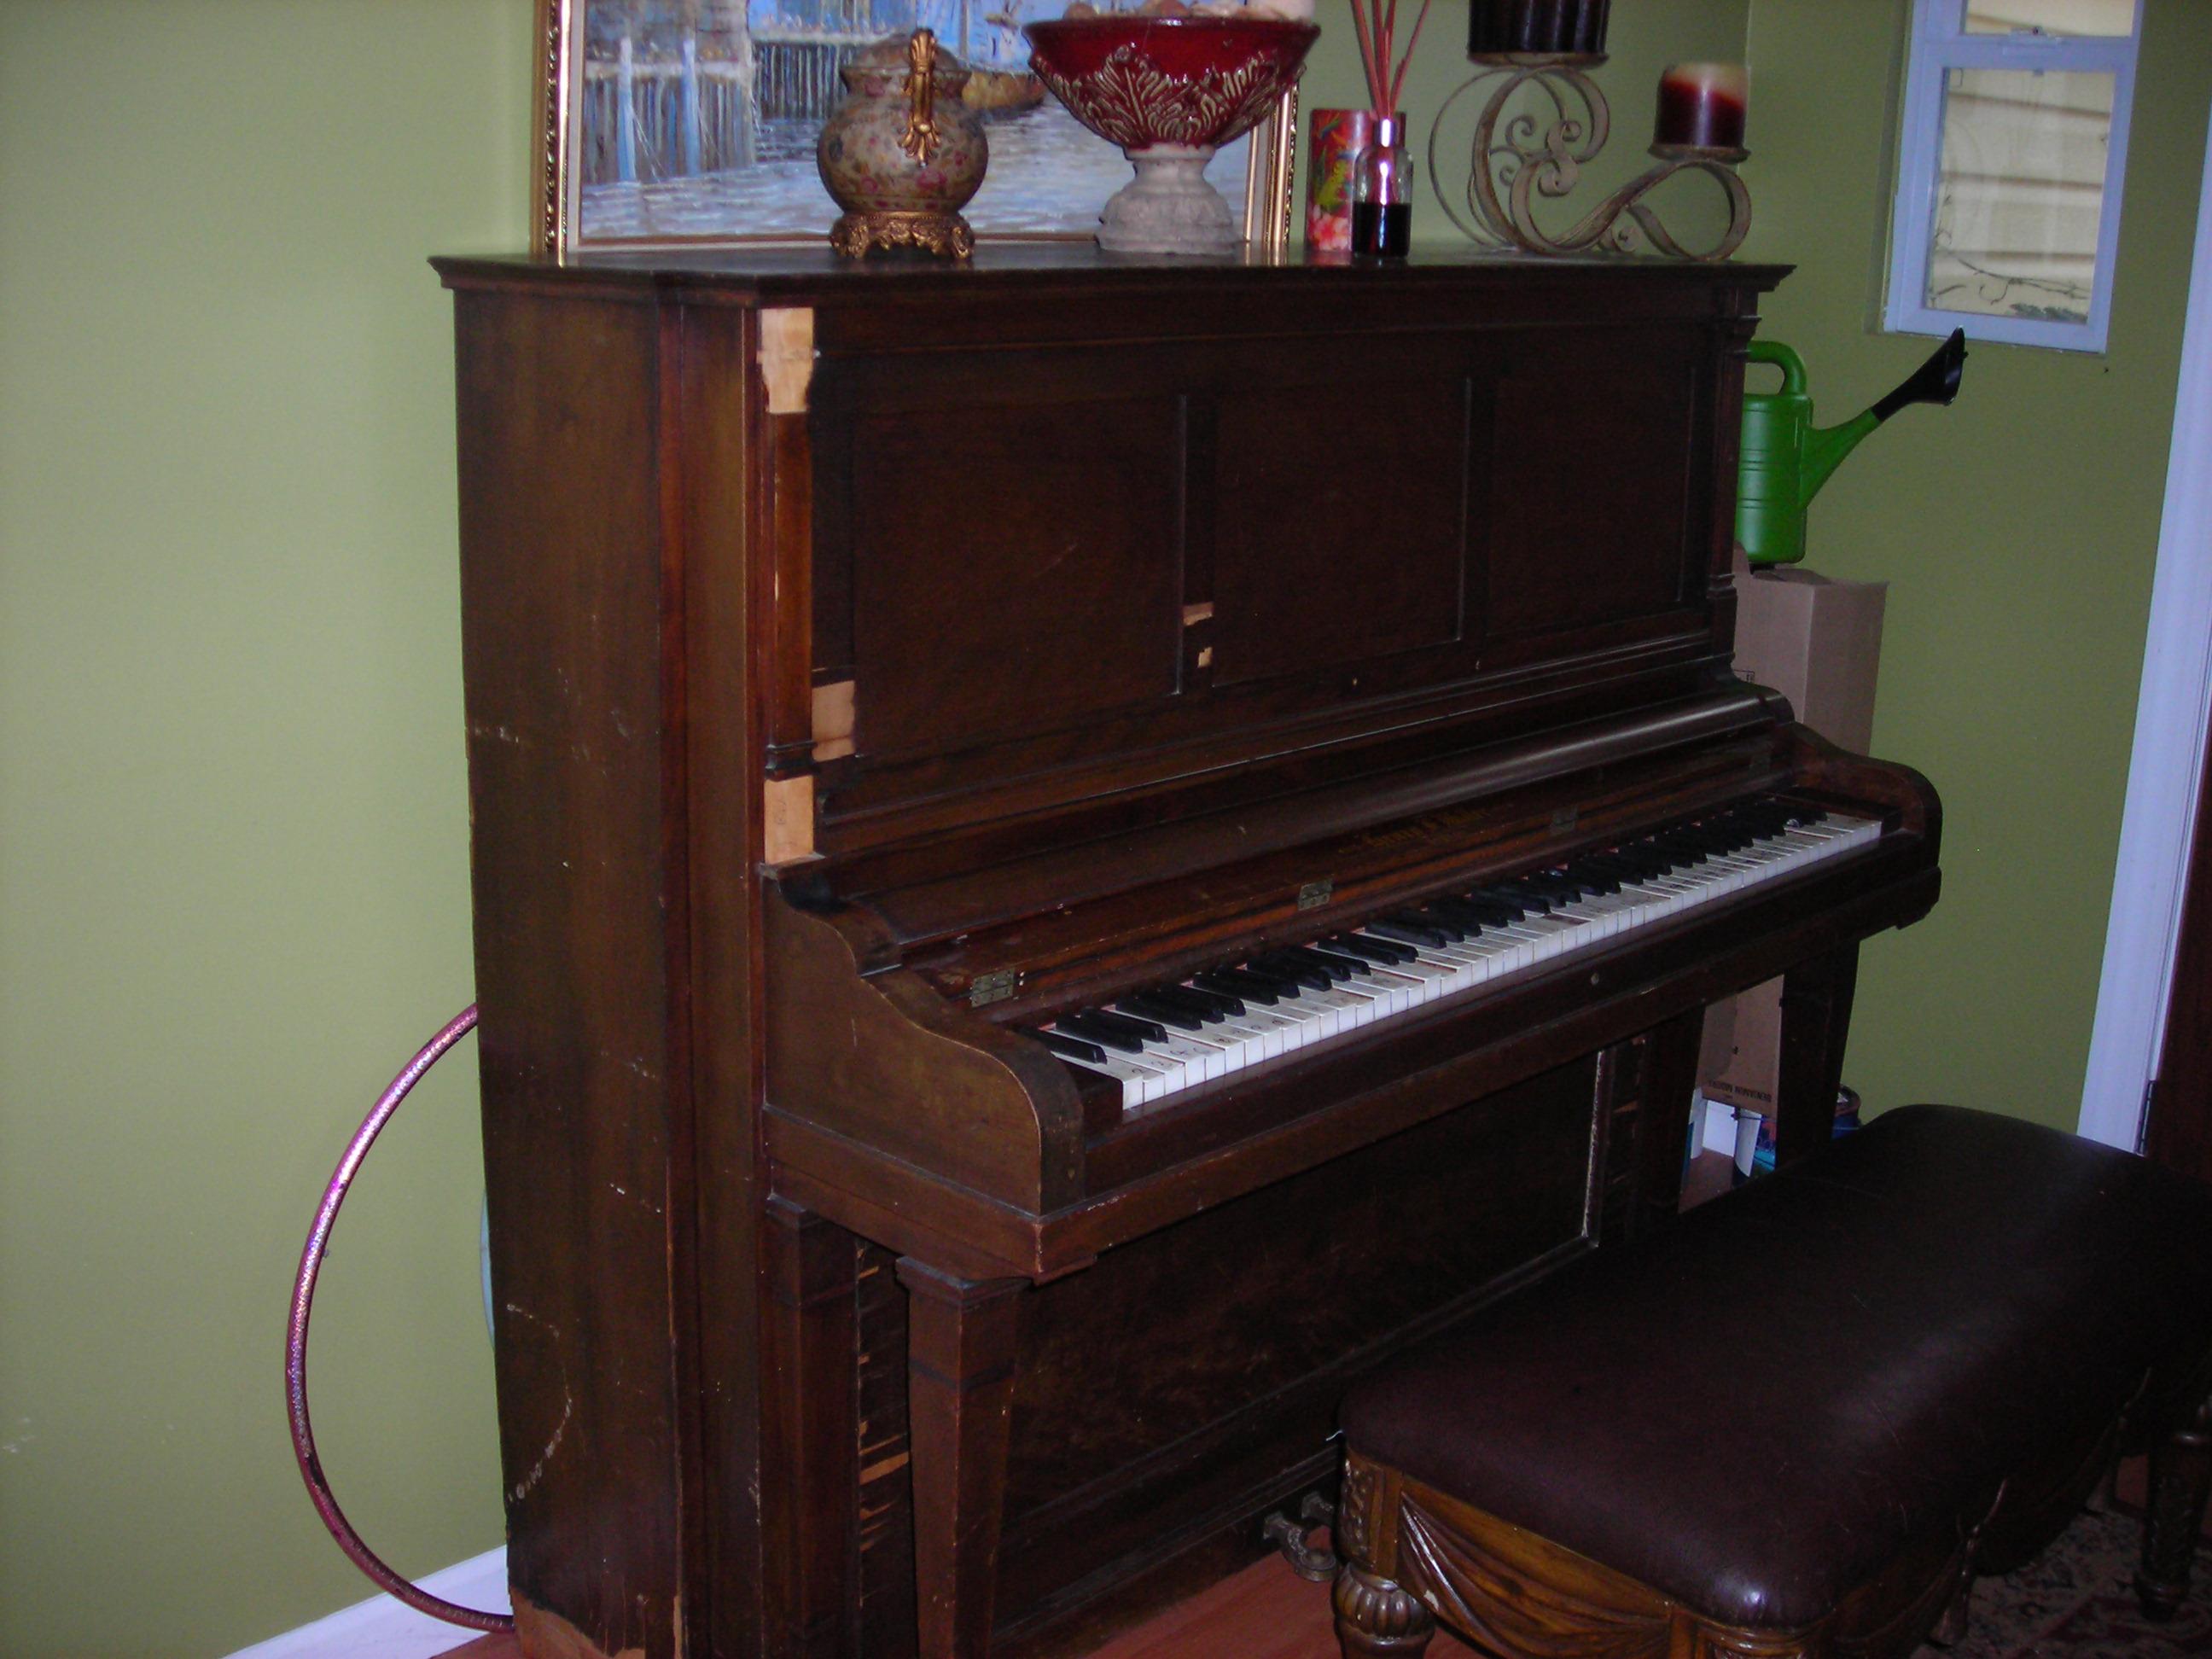 Ogłoszenie darmowe. Lokalizacja:  Lawrenceville  NJ. ARCHIWALNE - Wszystkie. Sprzedam pianino